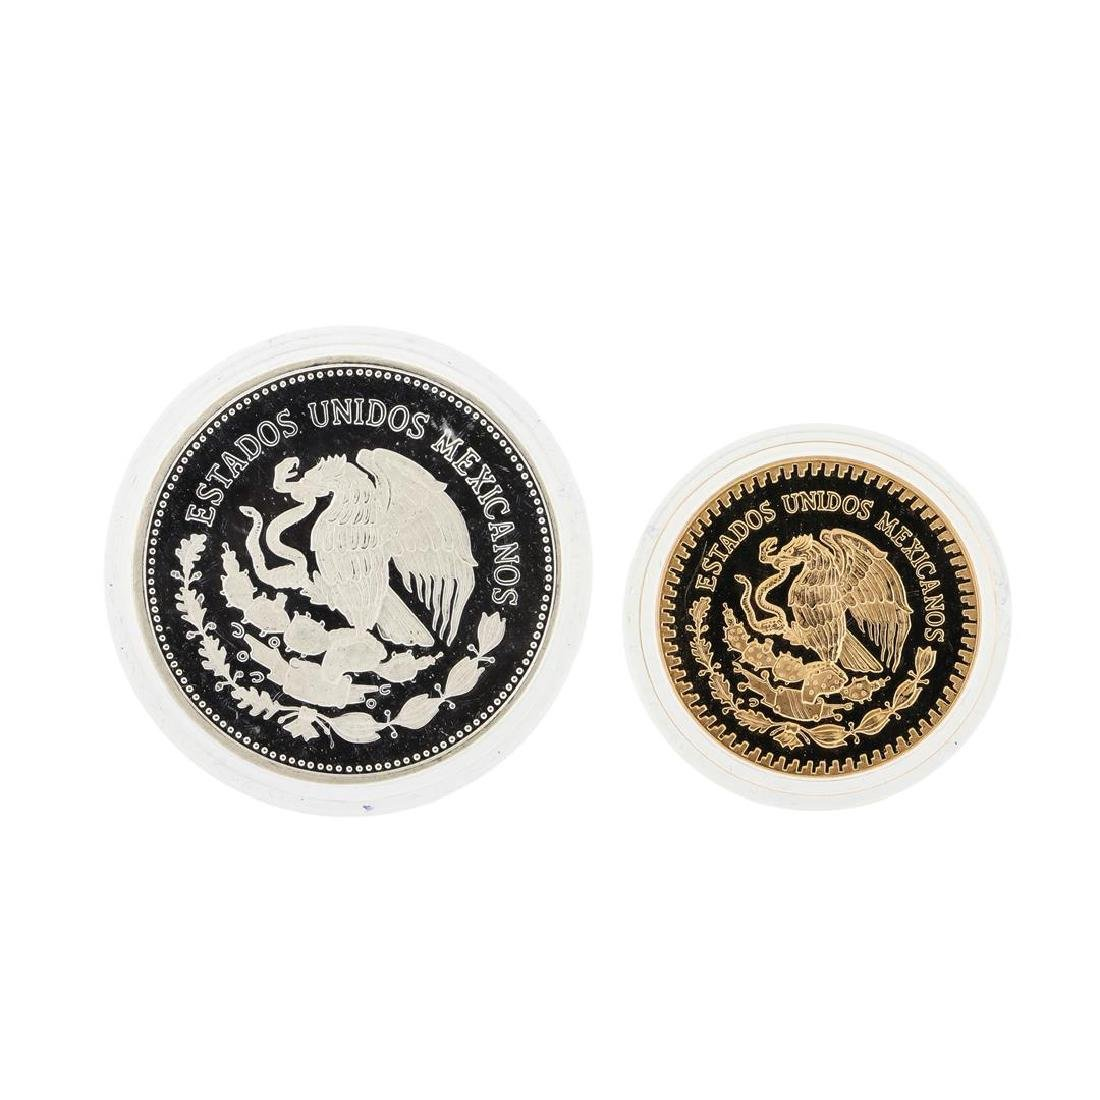 1985 Banco de Mexico Gold & Silver Proof (2) Coin Set - 2